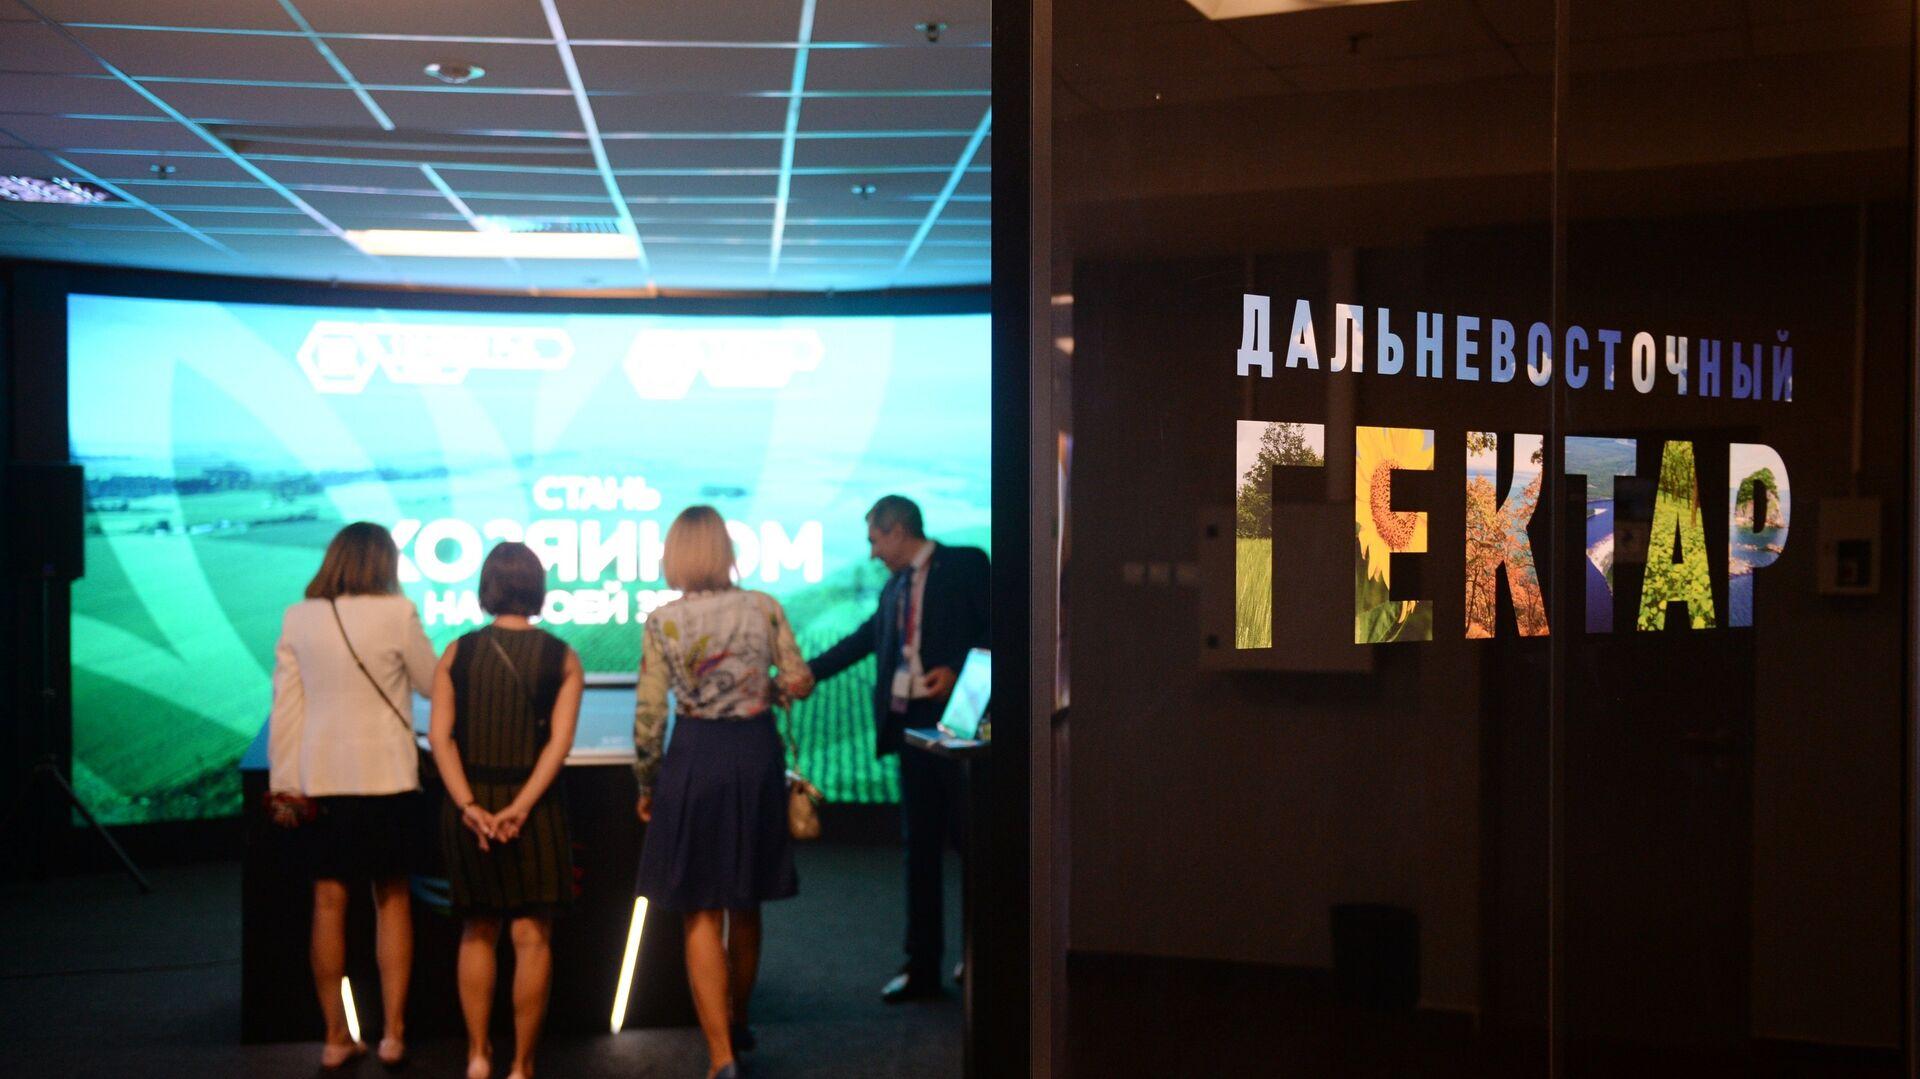 Презентация оригинальных идей по освоению дальневосточных гектаров, которая проходит в рамках Восточного экономического форума во Владивостоке - РИА Новости, 1920, 24.09.2020